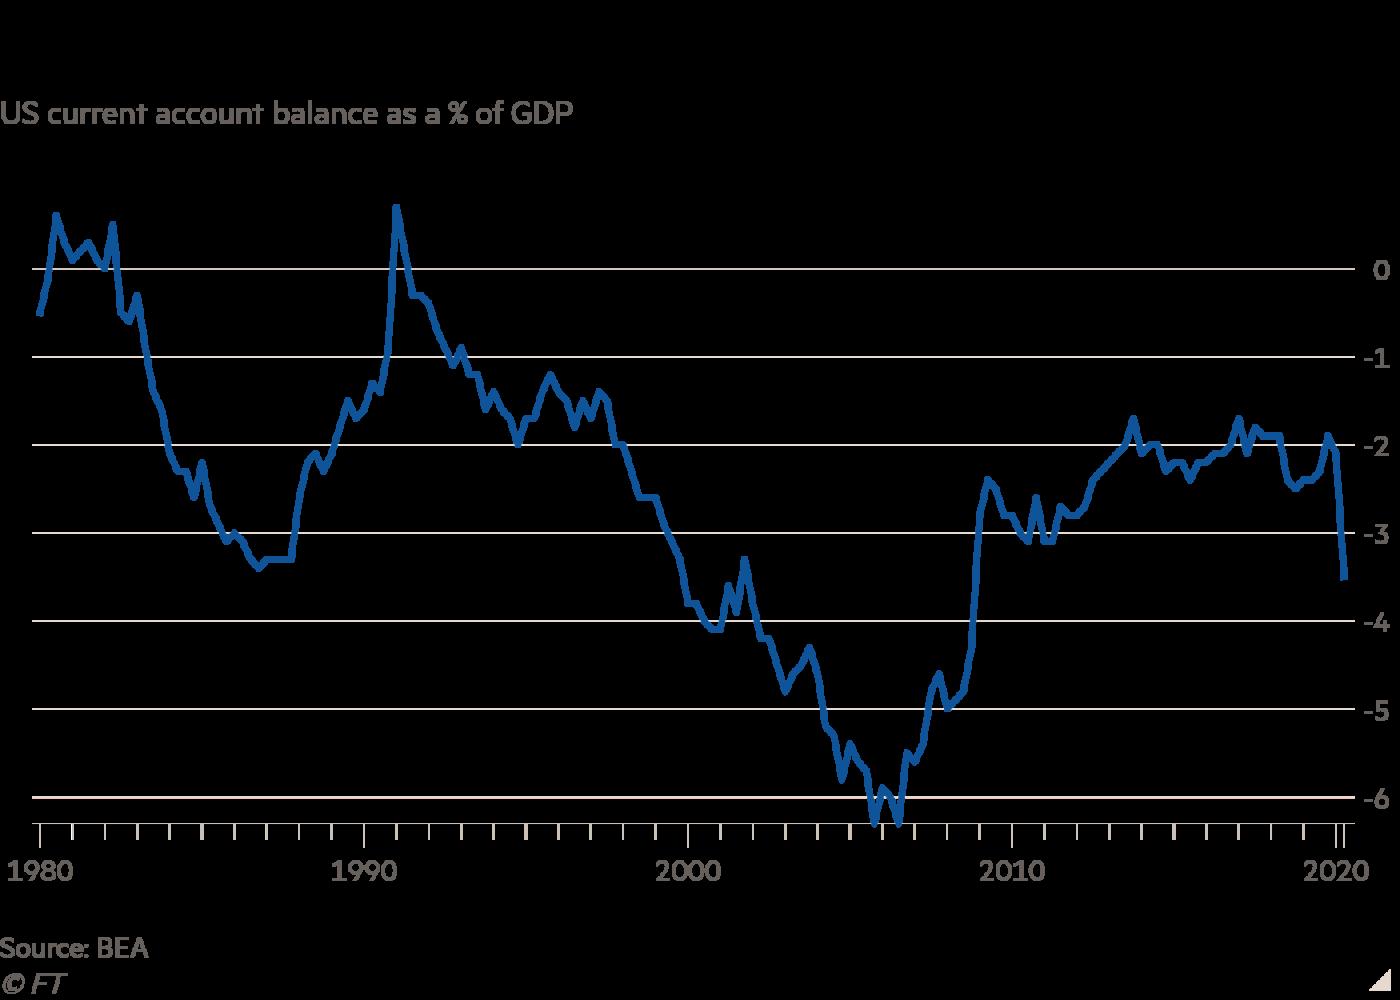 Дефицит текущего сфета США